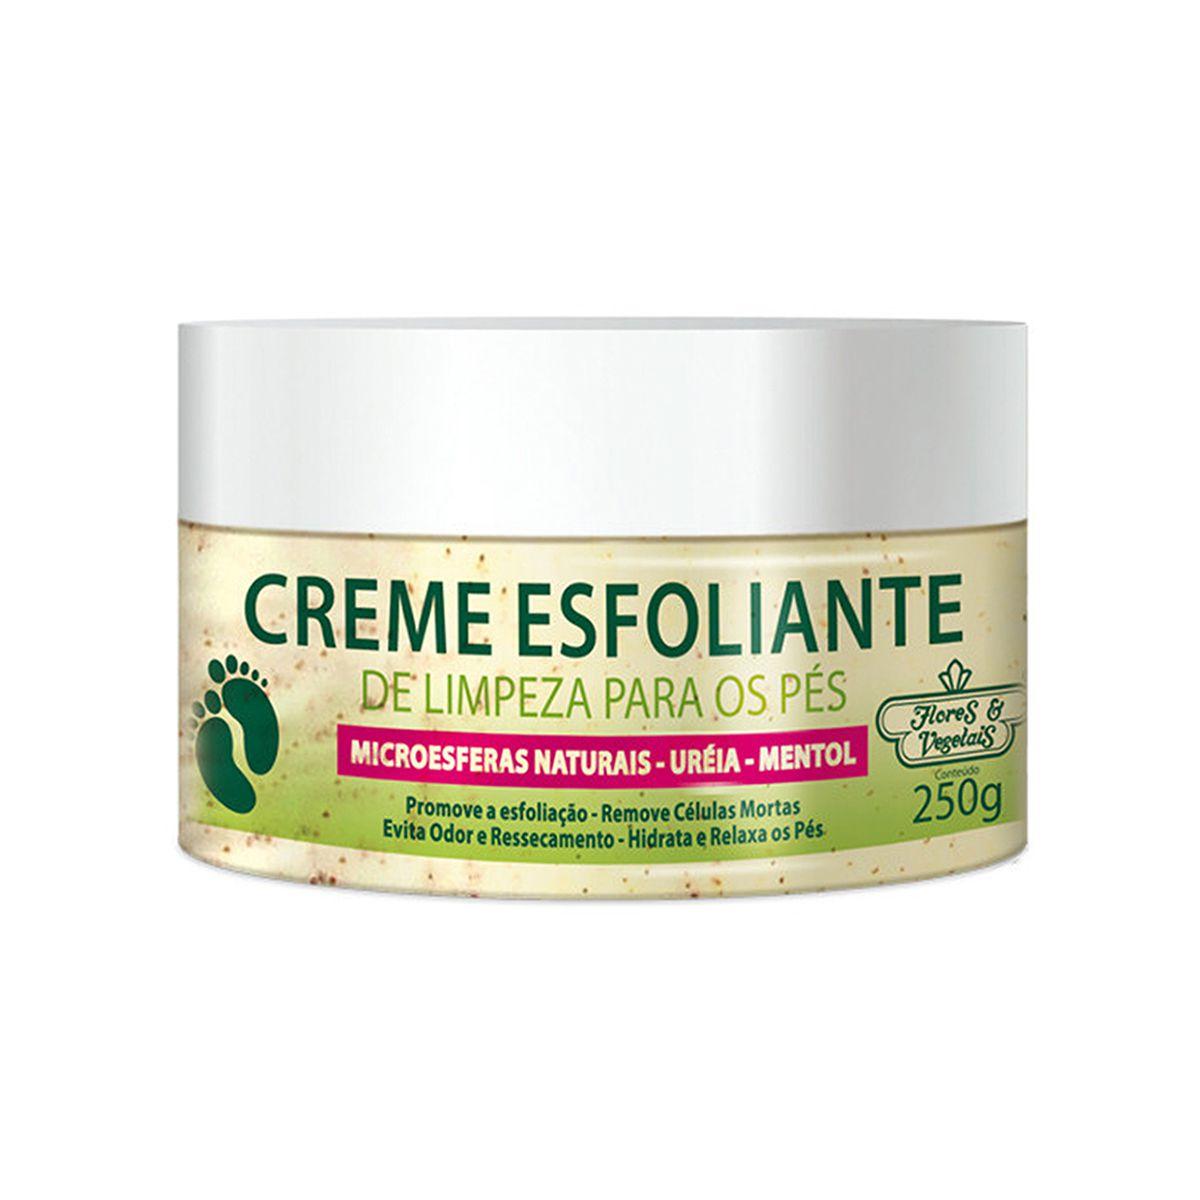 Creme Esfoliante Limpeza p/ os Pés Flores e Vegetais - 250g